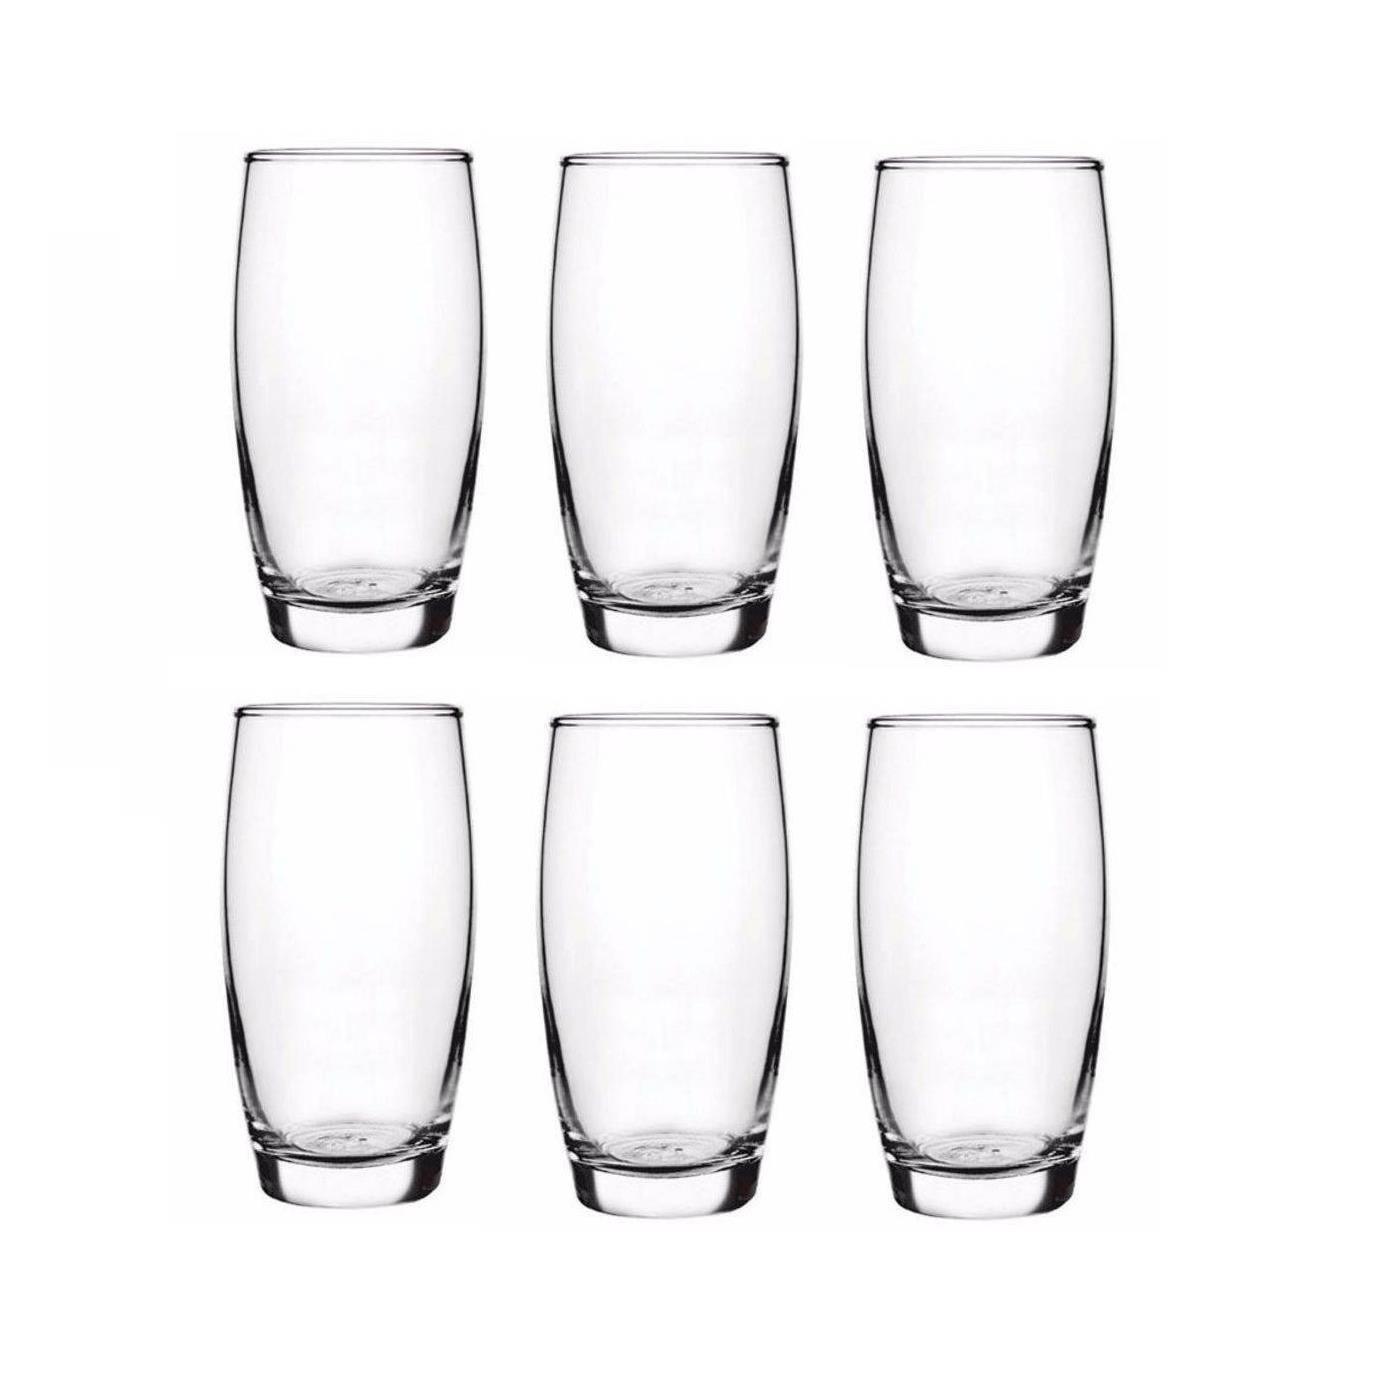 Jogo de Copos de Vidro para Agua 6 Pecas 300ml OCA - Nadir